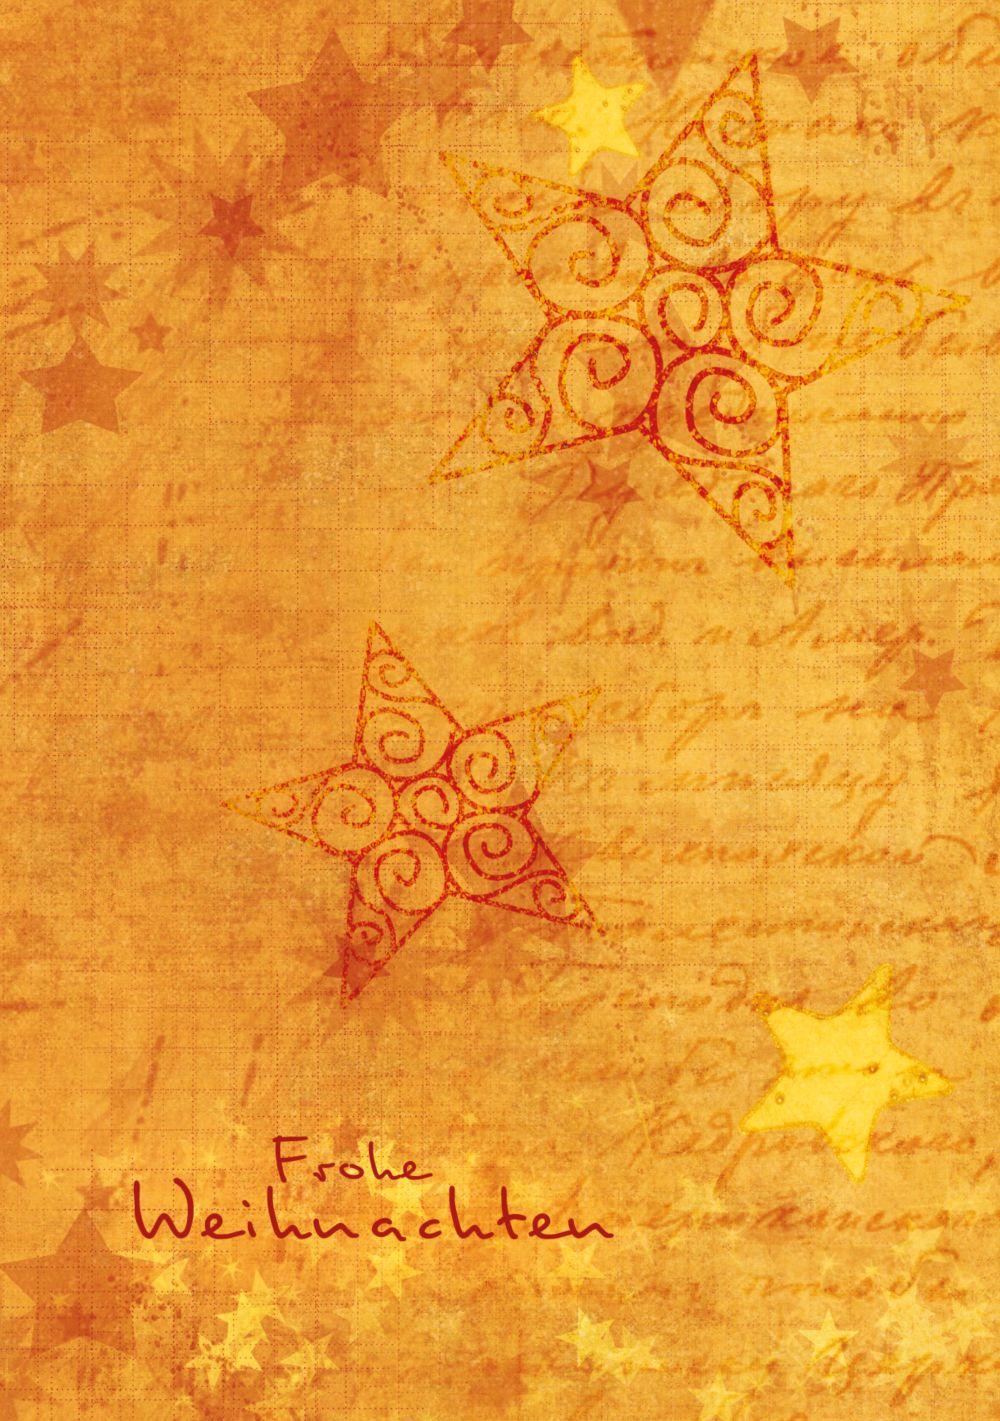 Ansicht 3 - Foto Grußkarte Sternengrund